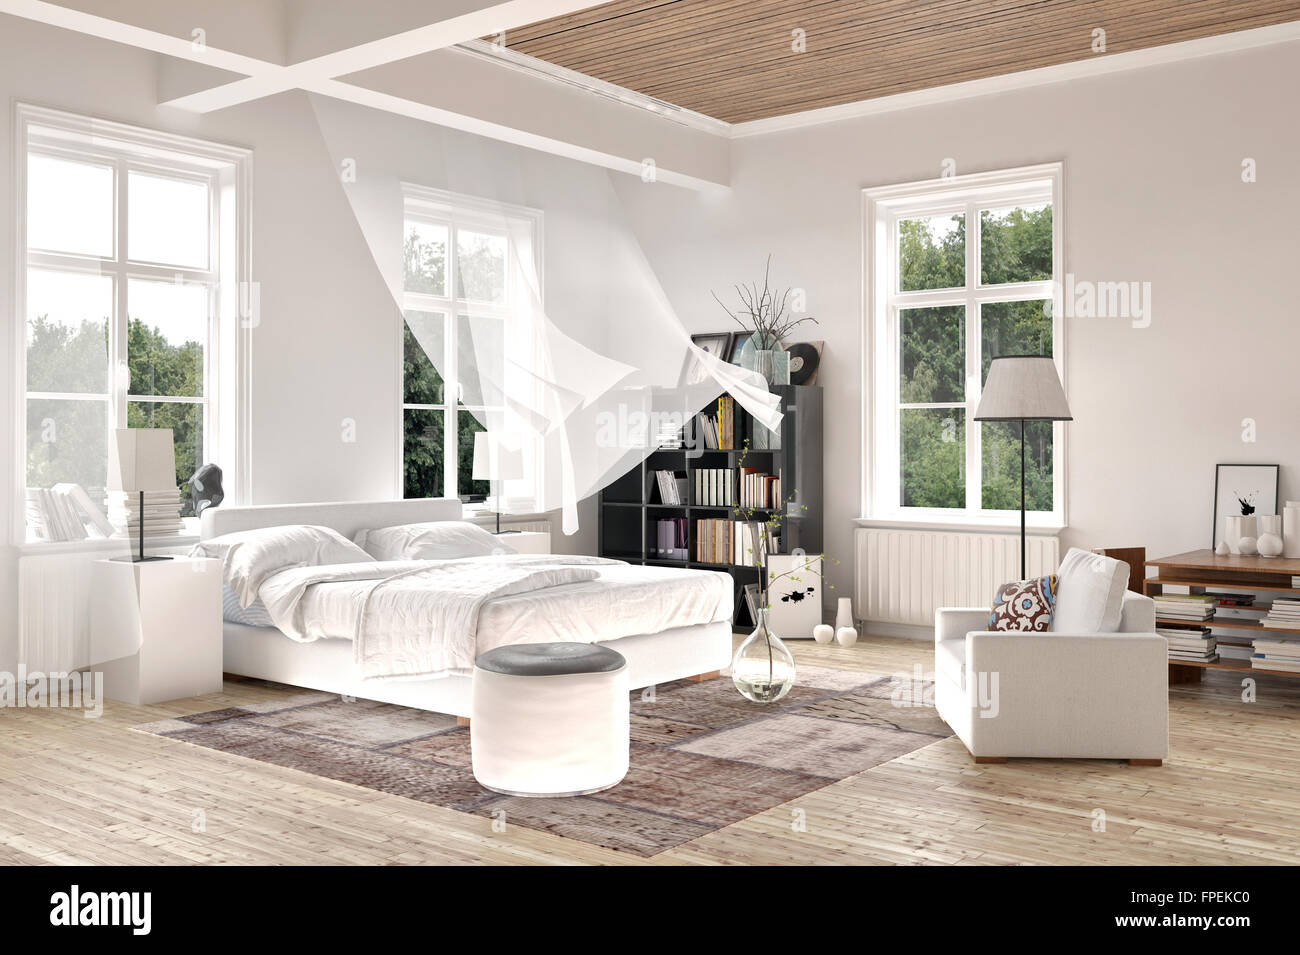 helle wei e luxus gerendert schlafzimmer innenraum mit weht vorh nge auf hohen fenstern ber ein. Black Bedroom Furniture Sets. Home Design Ideas